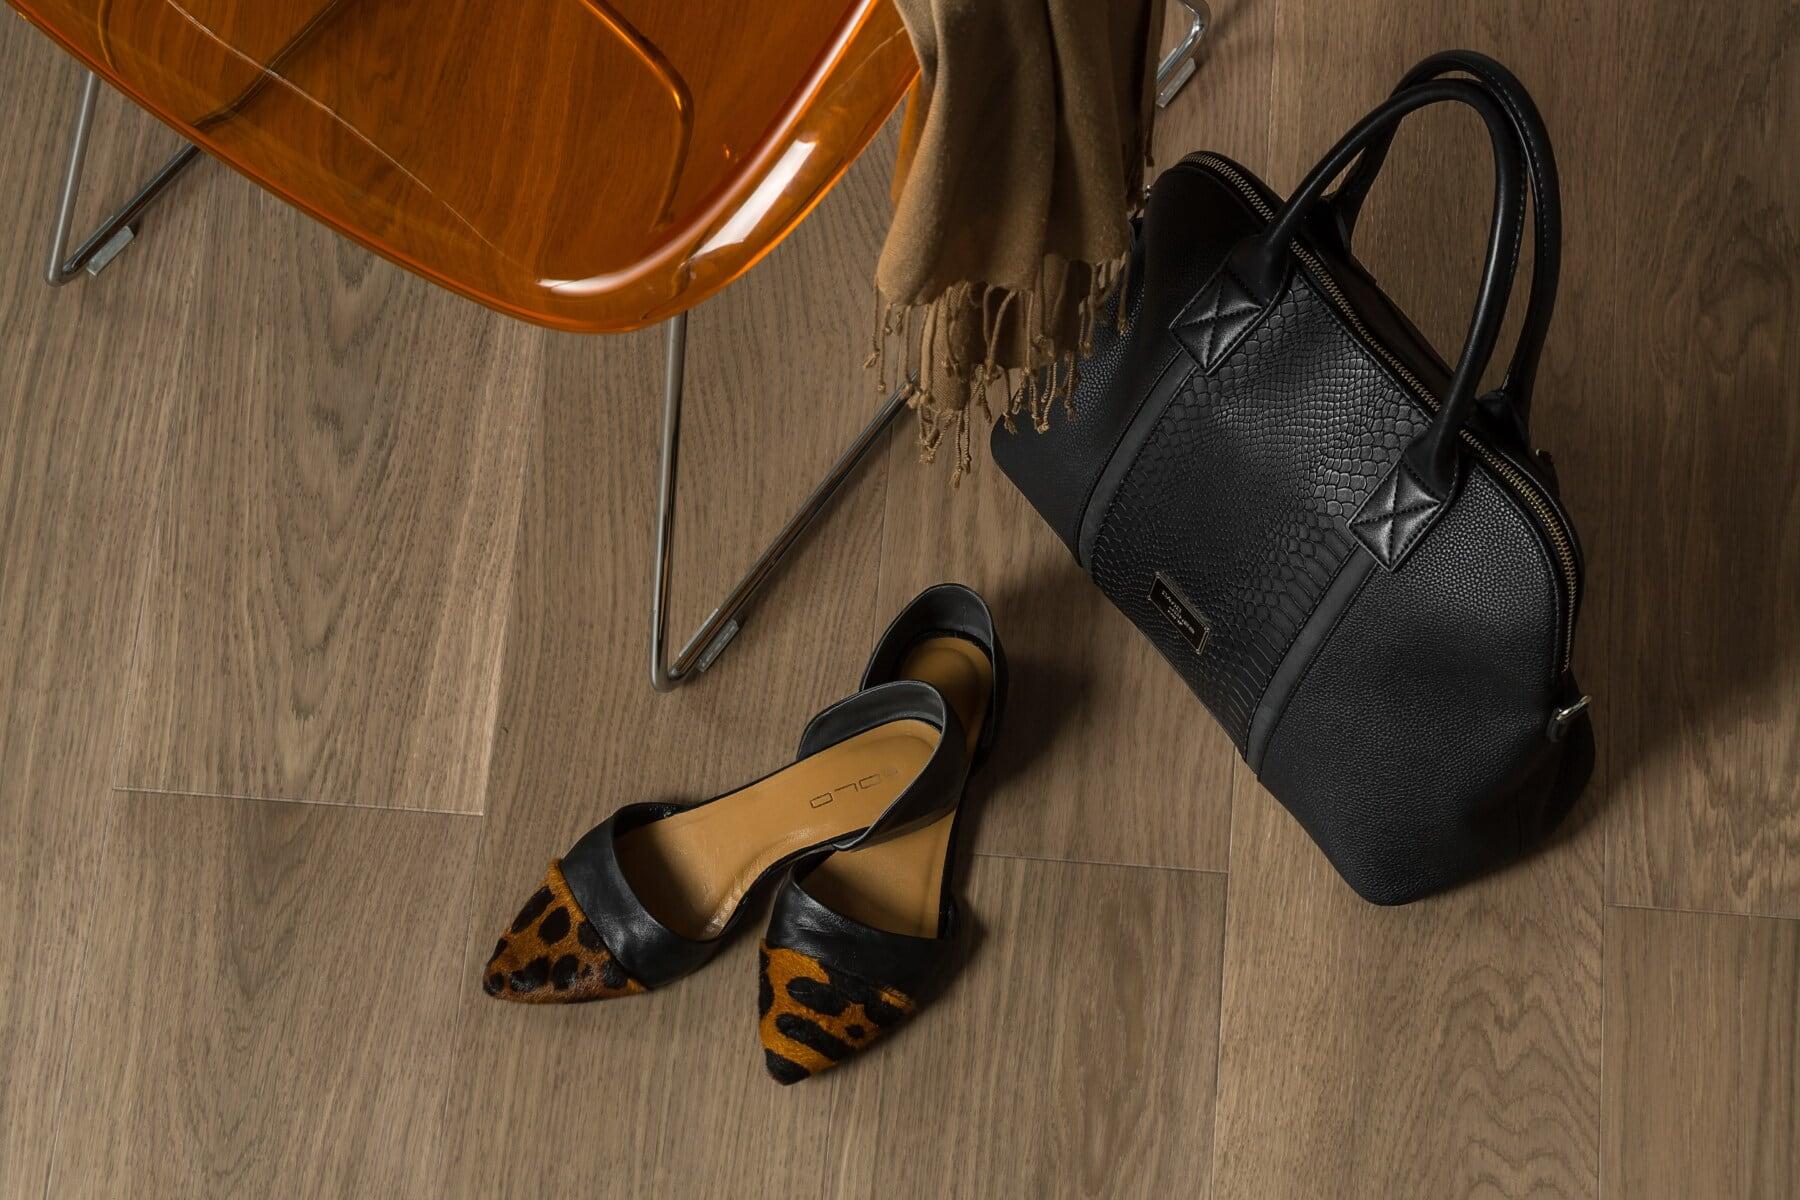 tyyli, käsilaukku, kengät, naisellinen, sandaalit, suunnittelu, kerros, tuoli, jalkineet, kattaa